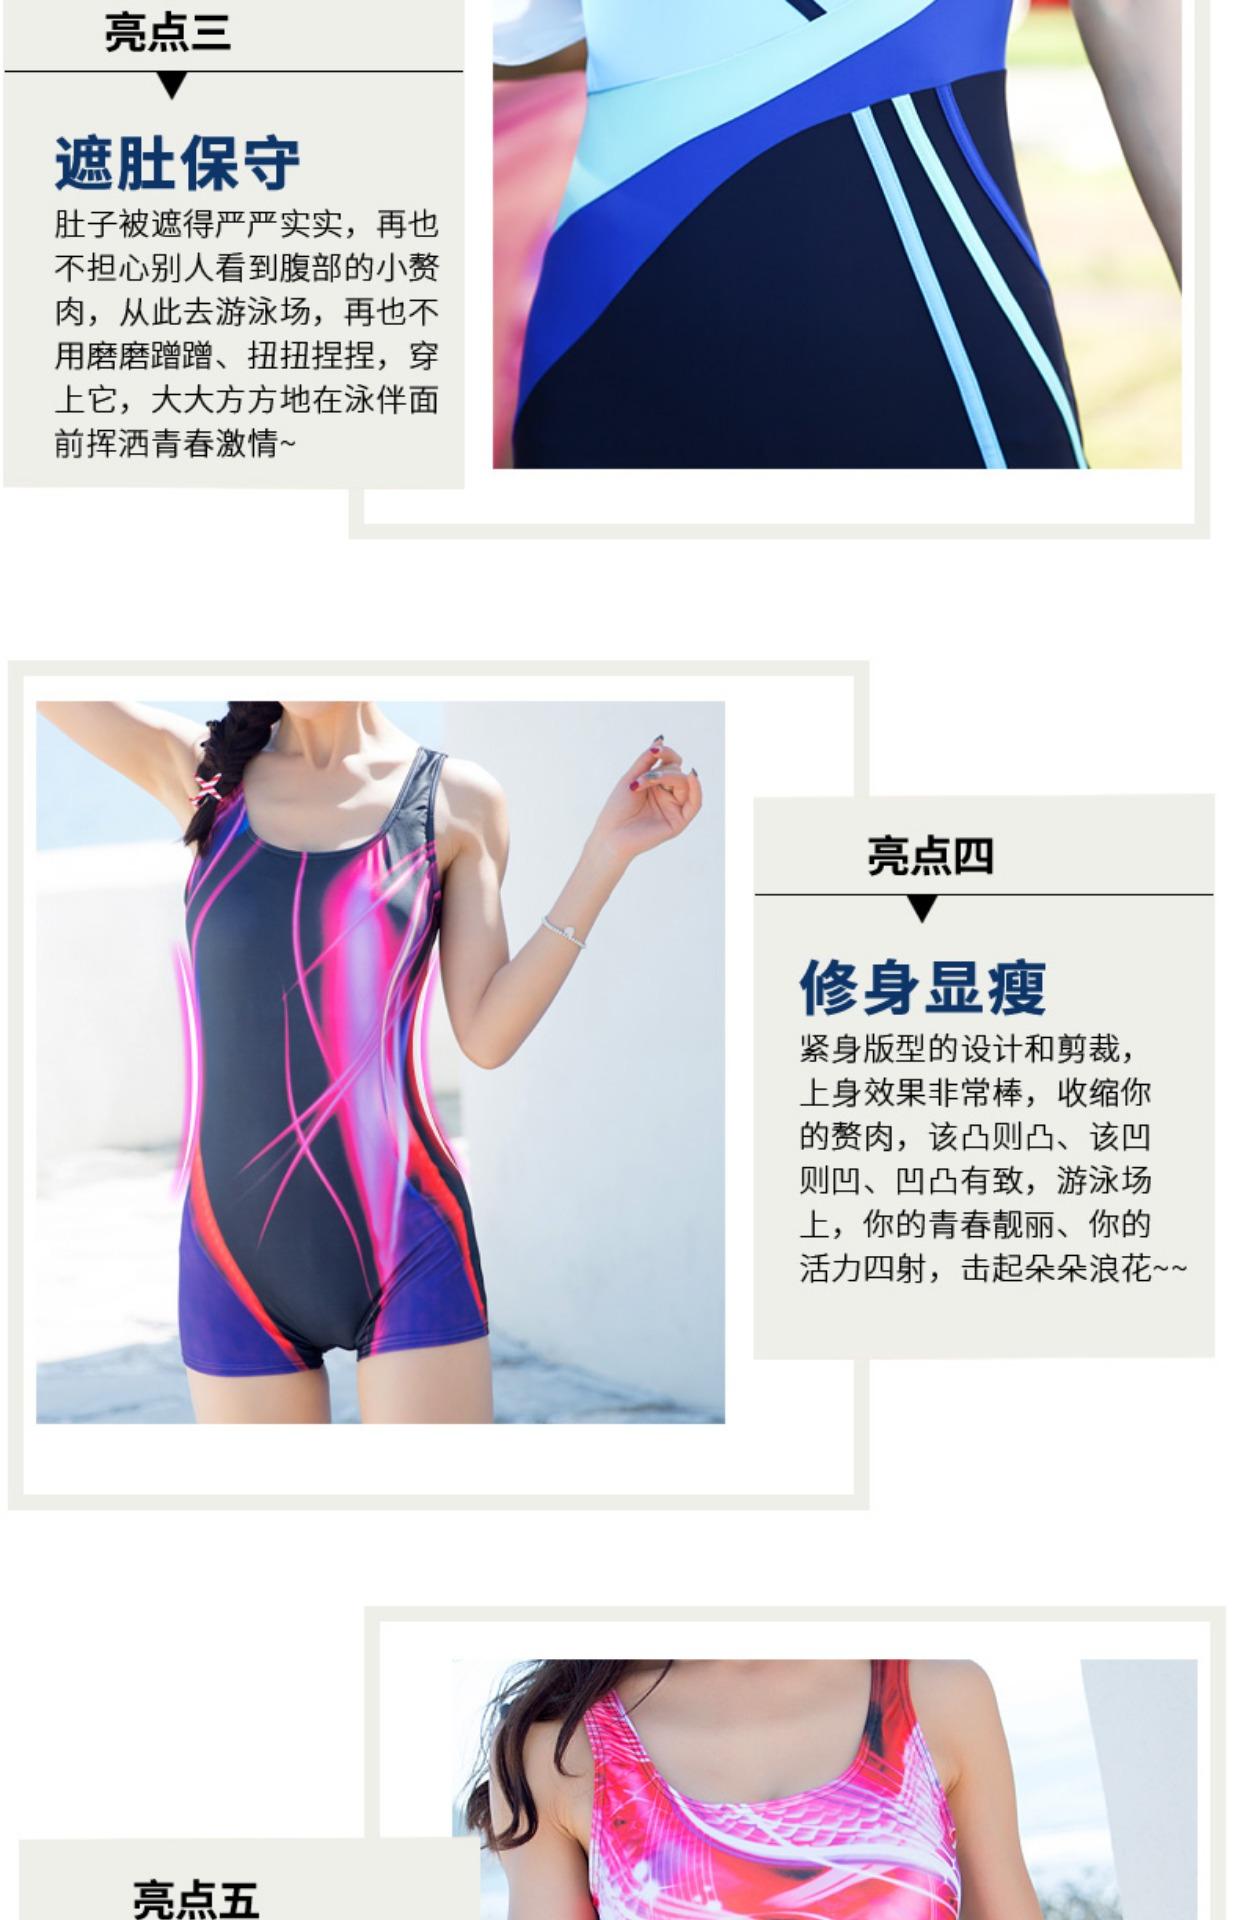 专业游泳衣女士学生遮肚保守大胸大码韩国温泉运动连体平角裤泳装30张